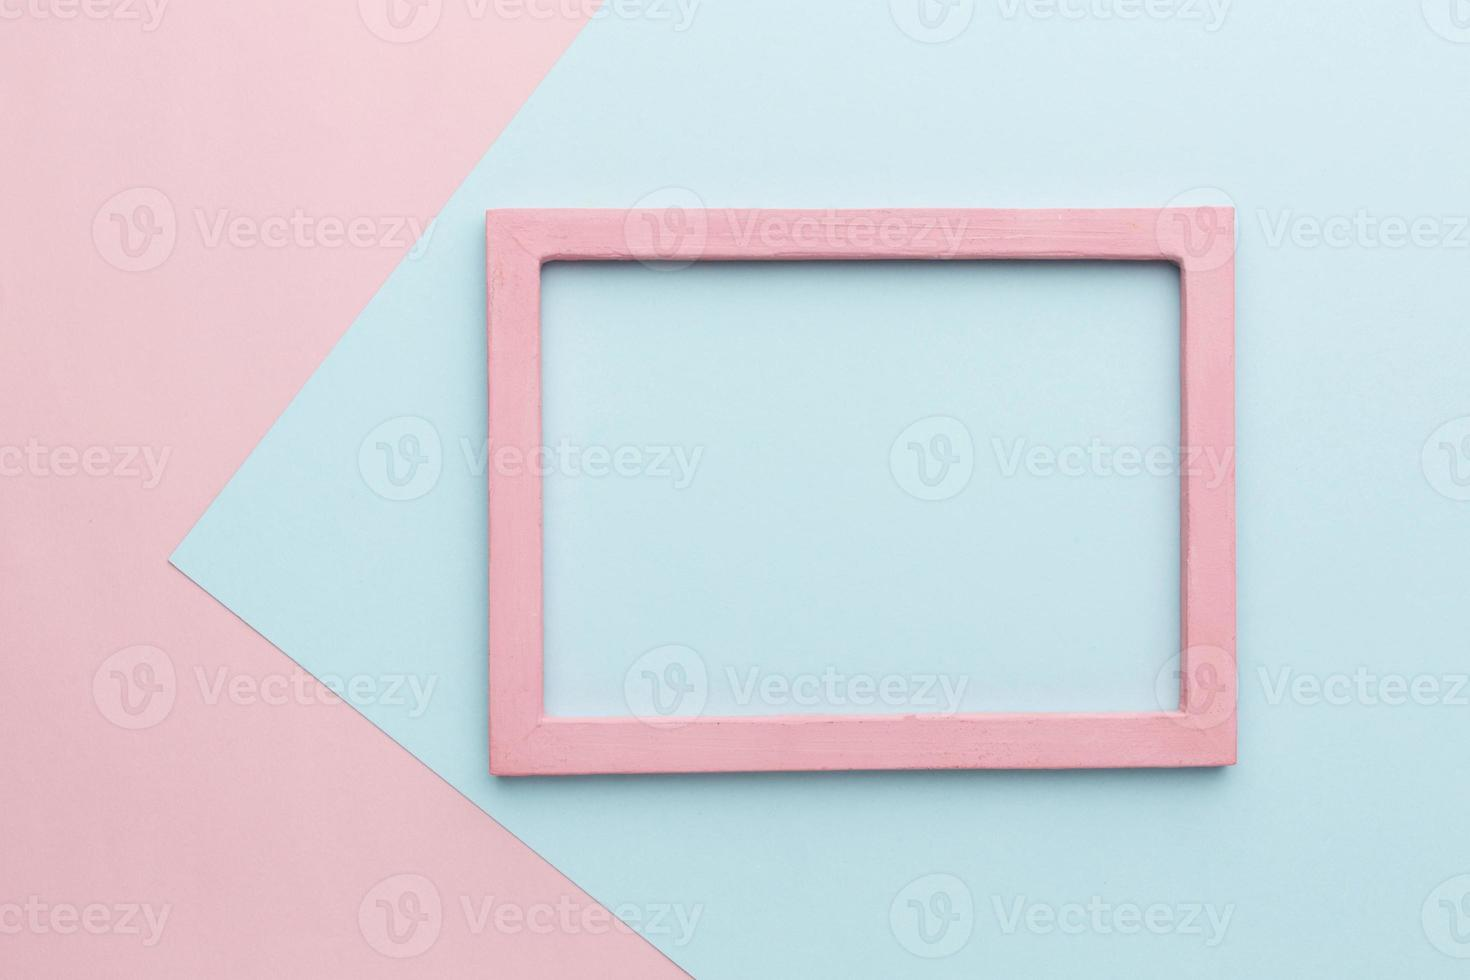 postura plana de um fundo de moldura de madeira rosa bonita foto